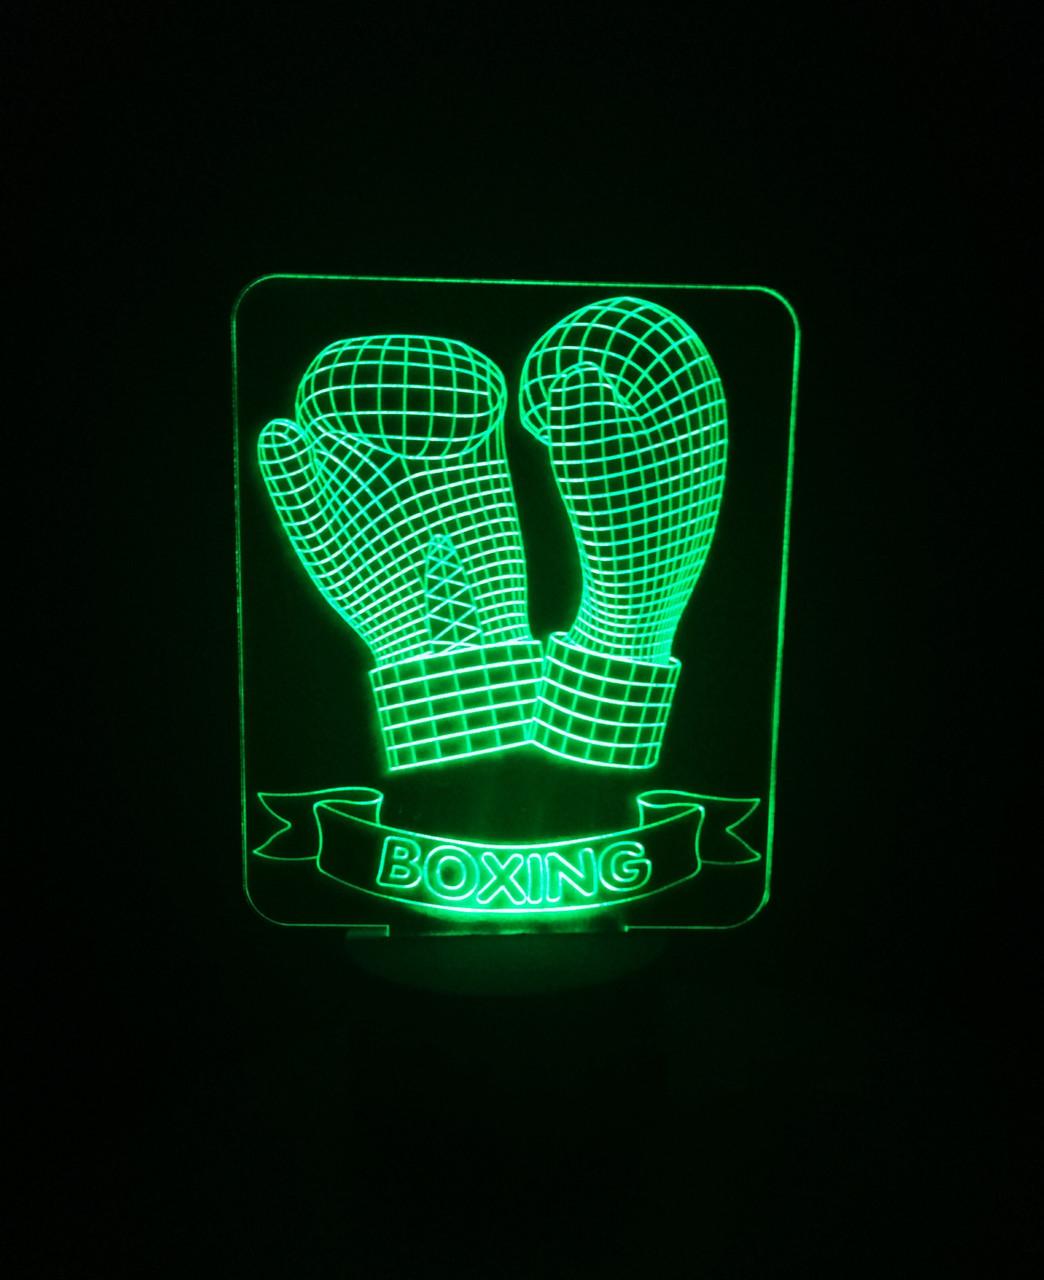 3d-светильник Перчатки боксерские, 3д-ночник, несколько подсветок (батарейка+220В), подарок для боксера